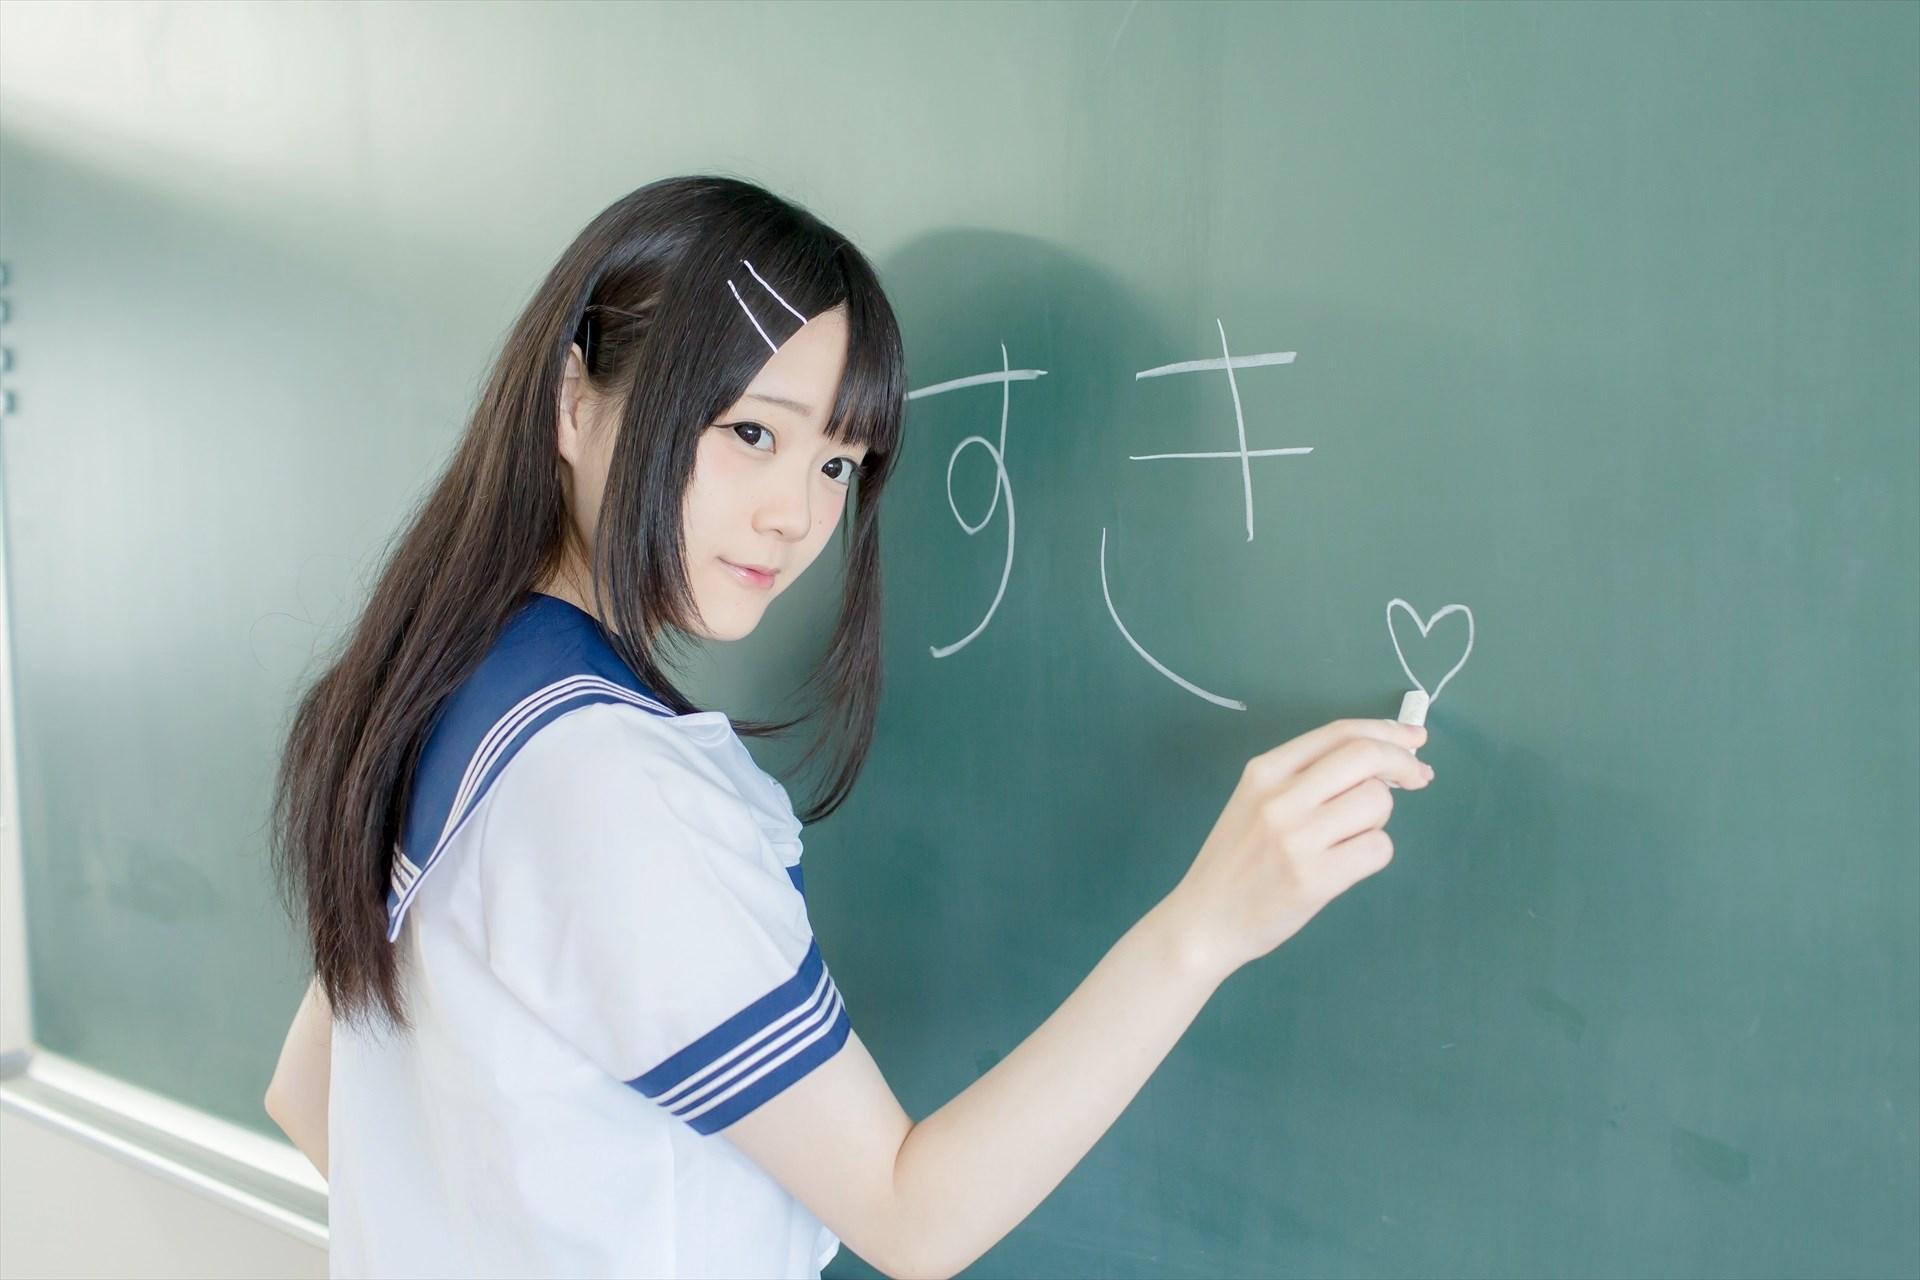 【兔玩映画】教室里的死库水 兔玩映画 第45张